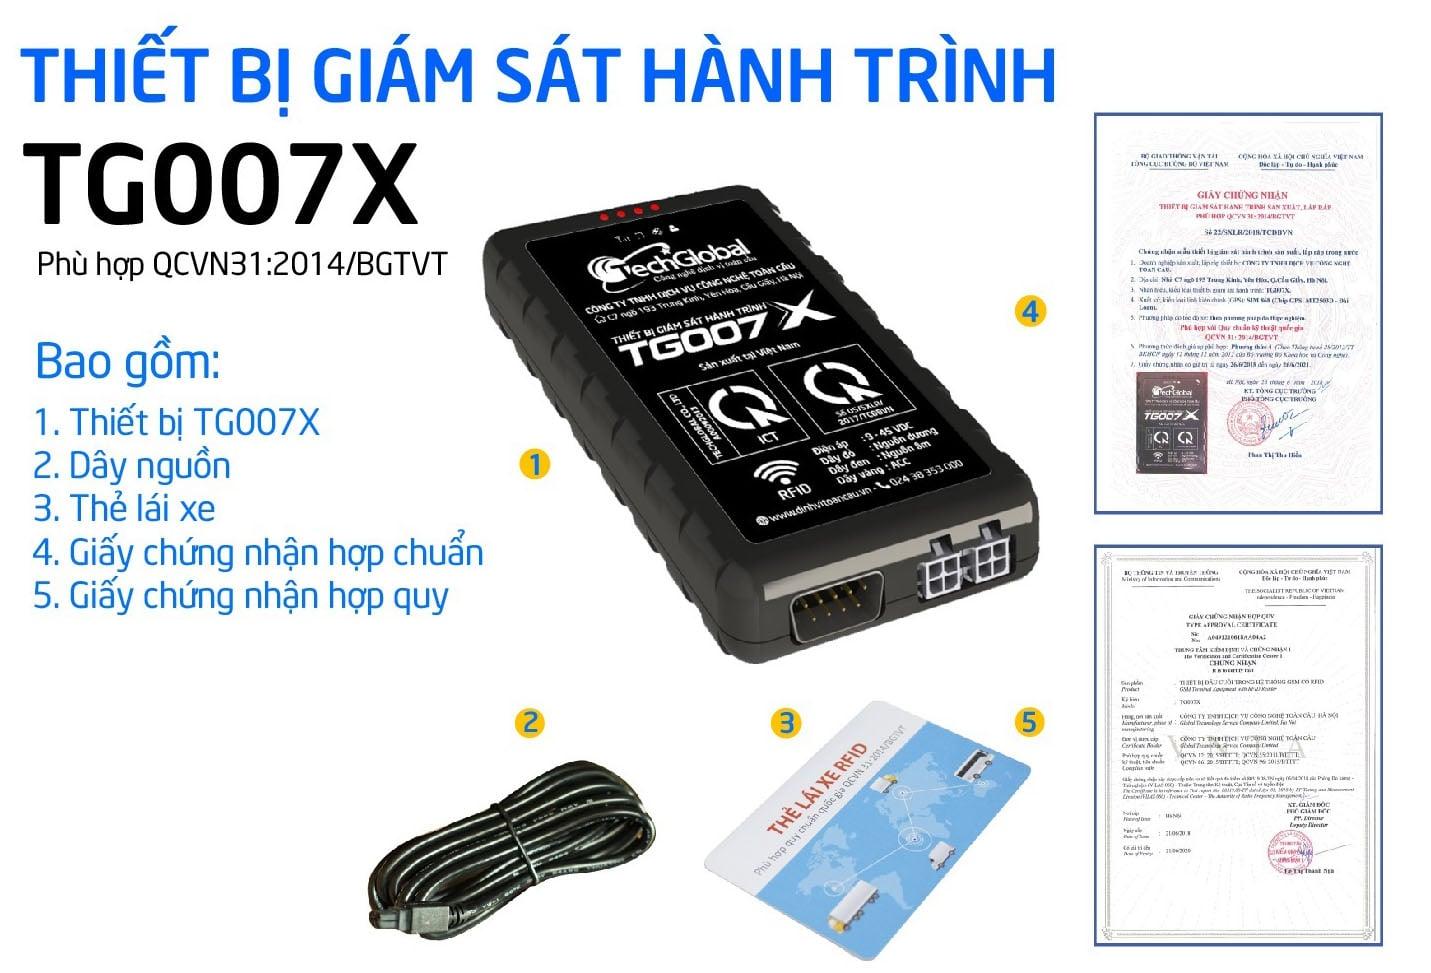 thiết bị định vị giám sát hành trình đạt chuẩn BGTVT TG007X